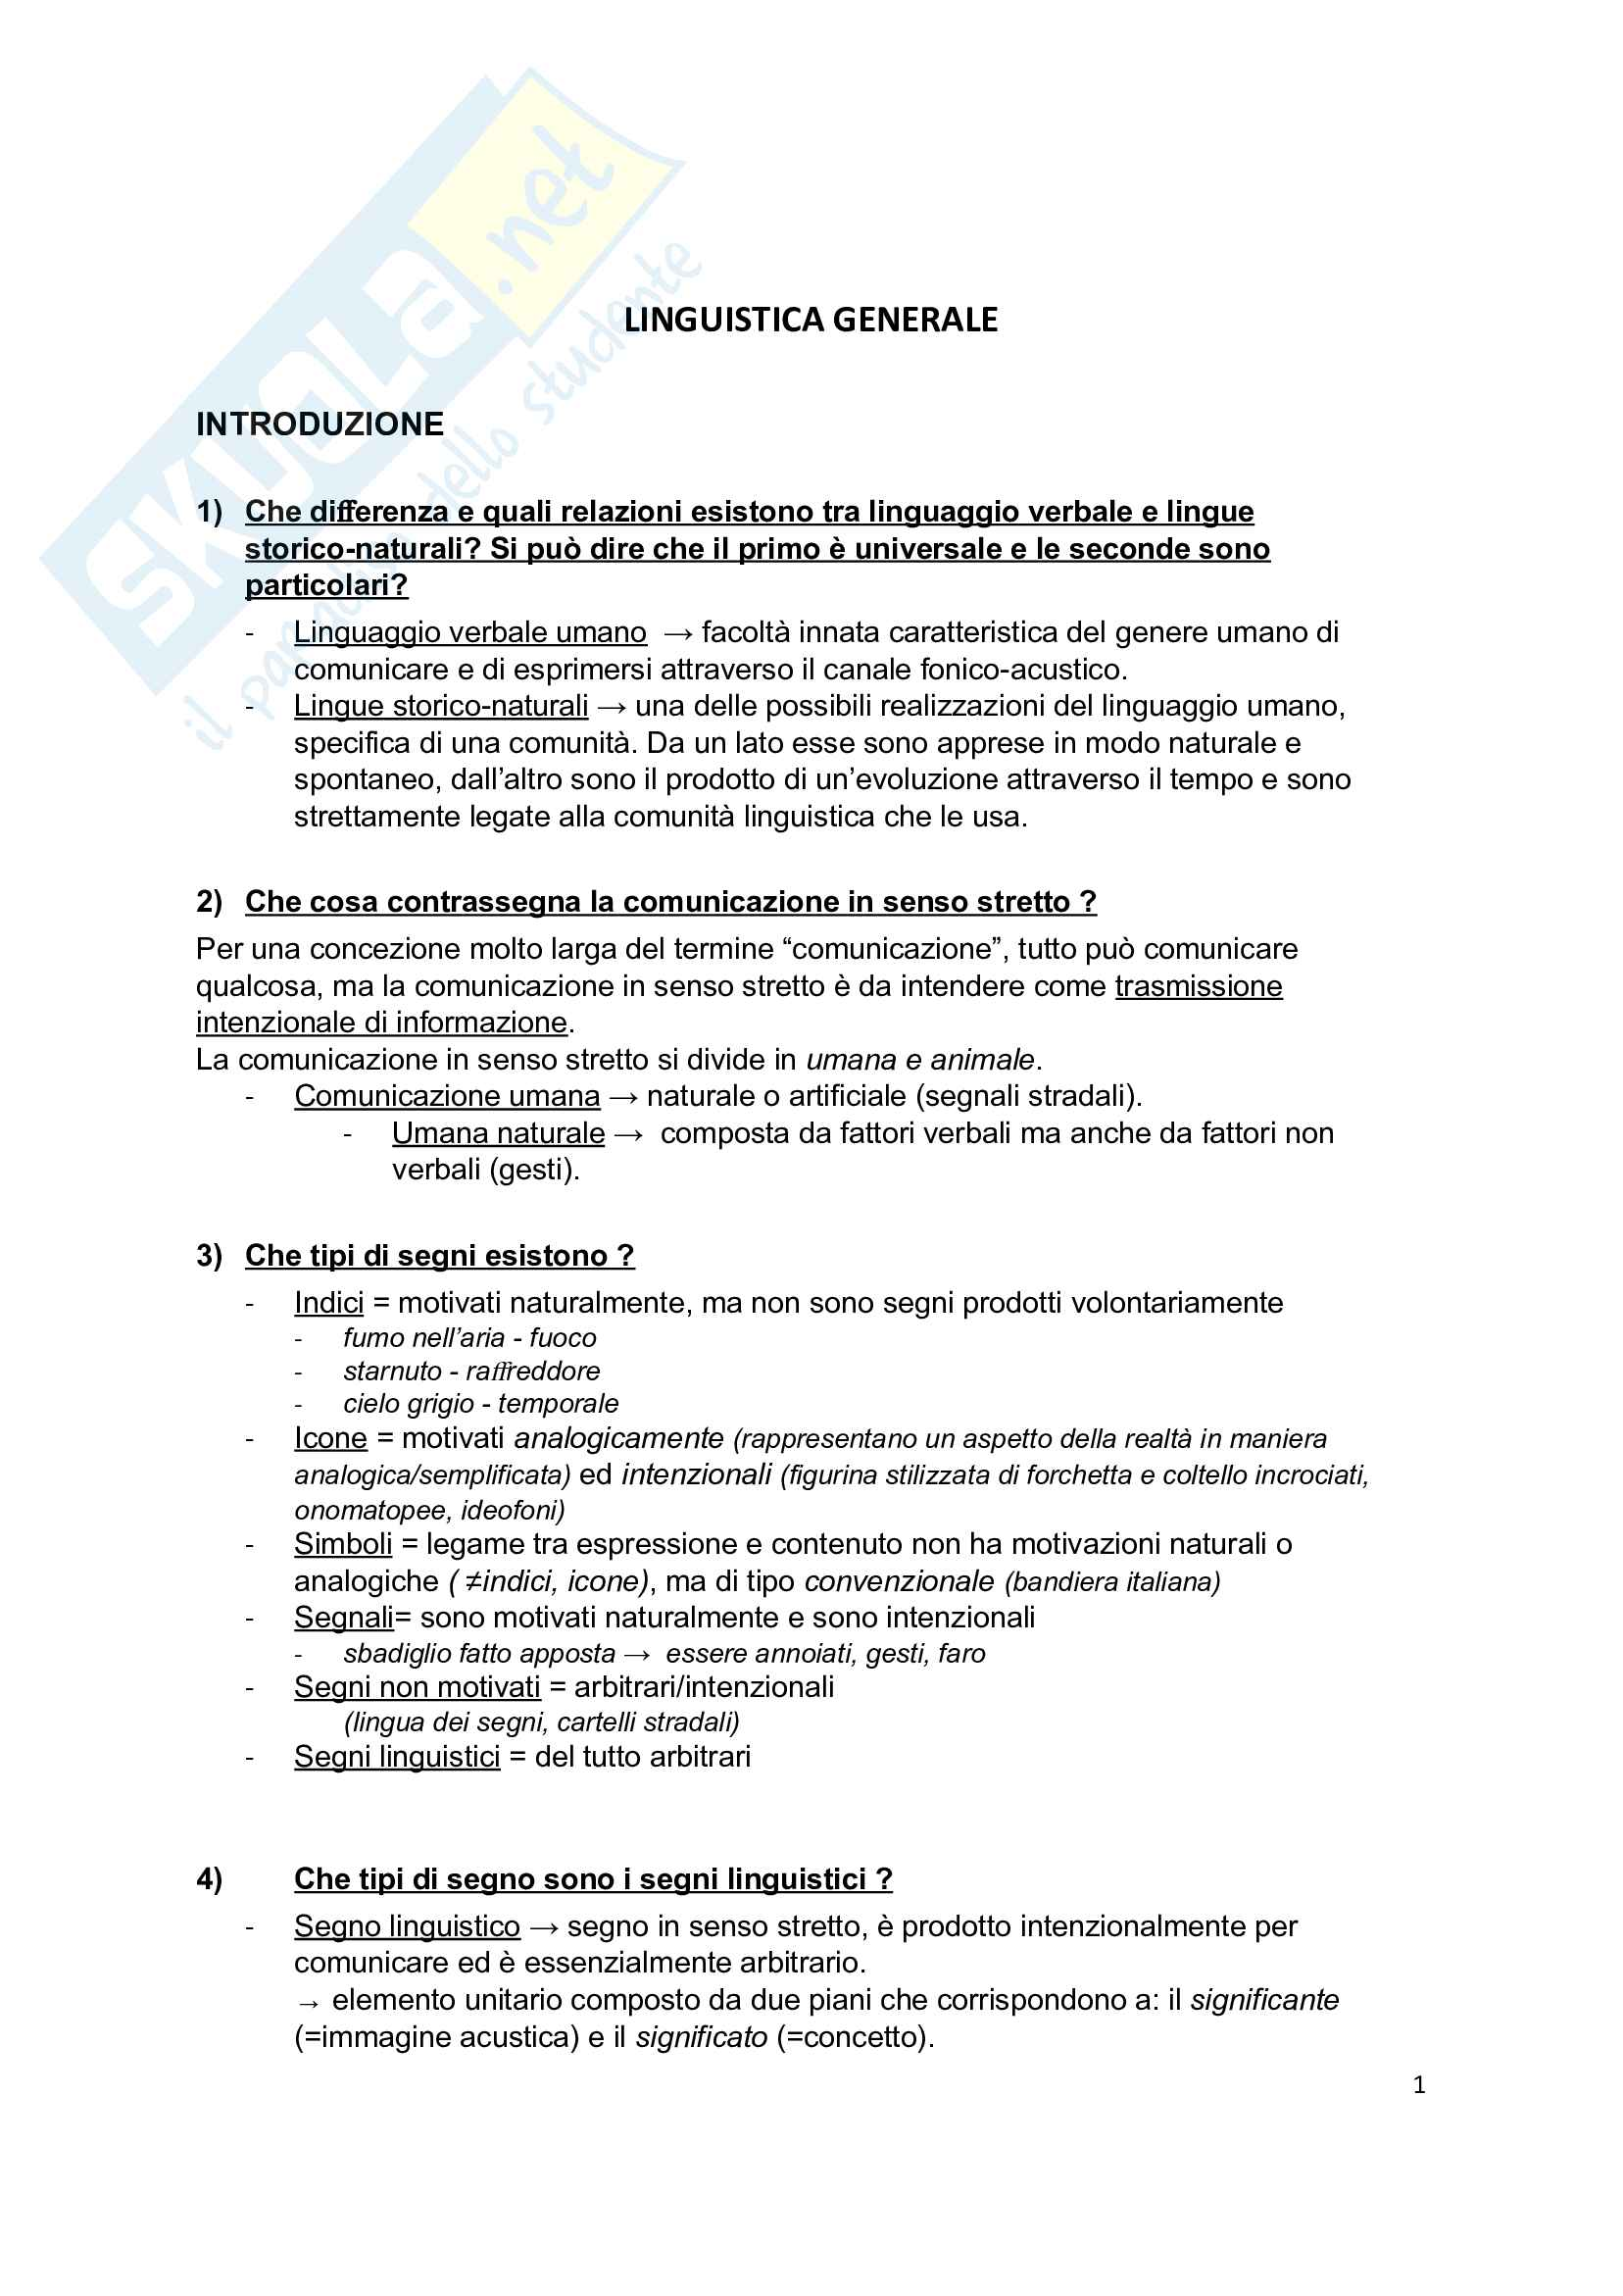 Riassunto esame linguistica e glottologia con appunti presi in classe integrati allo studio dal libro